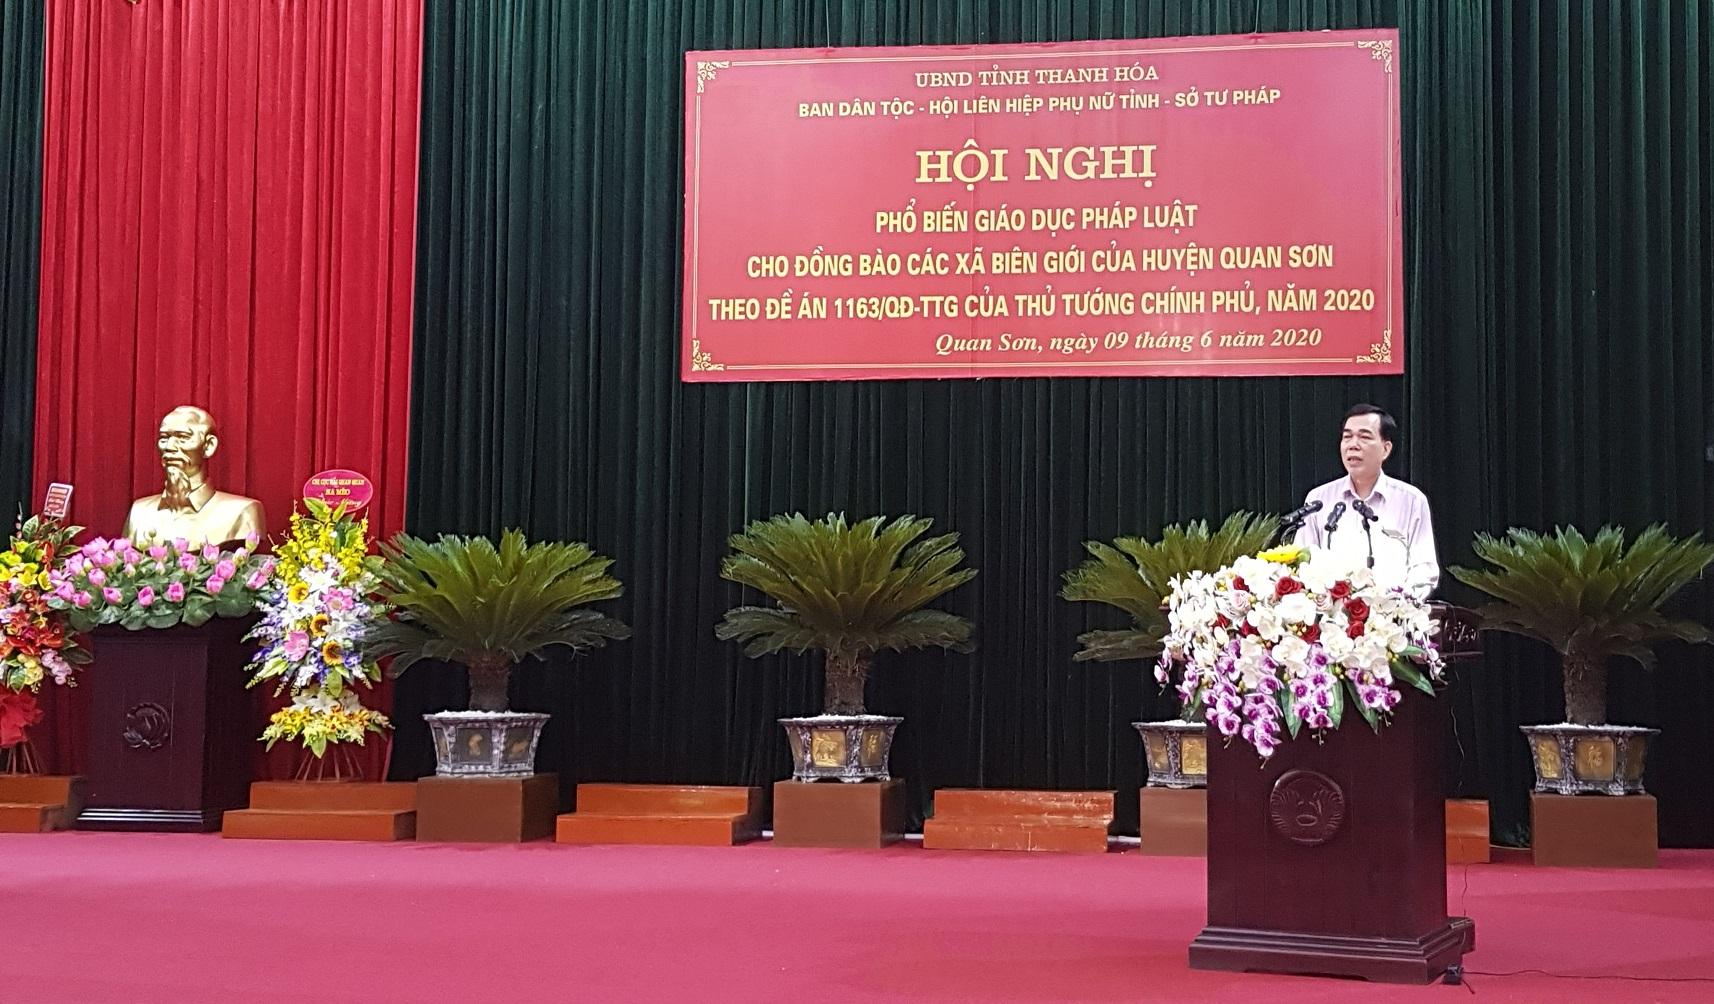 Ông Cầm Bá Tường, Phó trưởng Ban Dân tộc Thanh Hóa phổ biến nội dung giáo dục pháp luật tại hội nghị ngày 9/6/2020